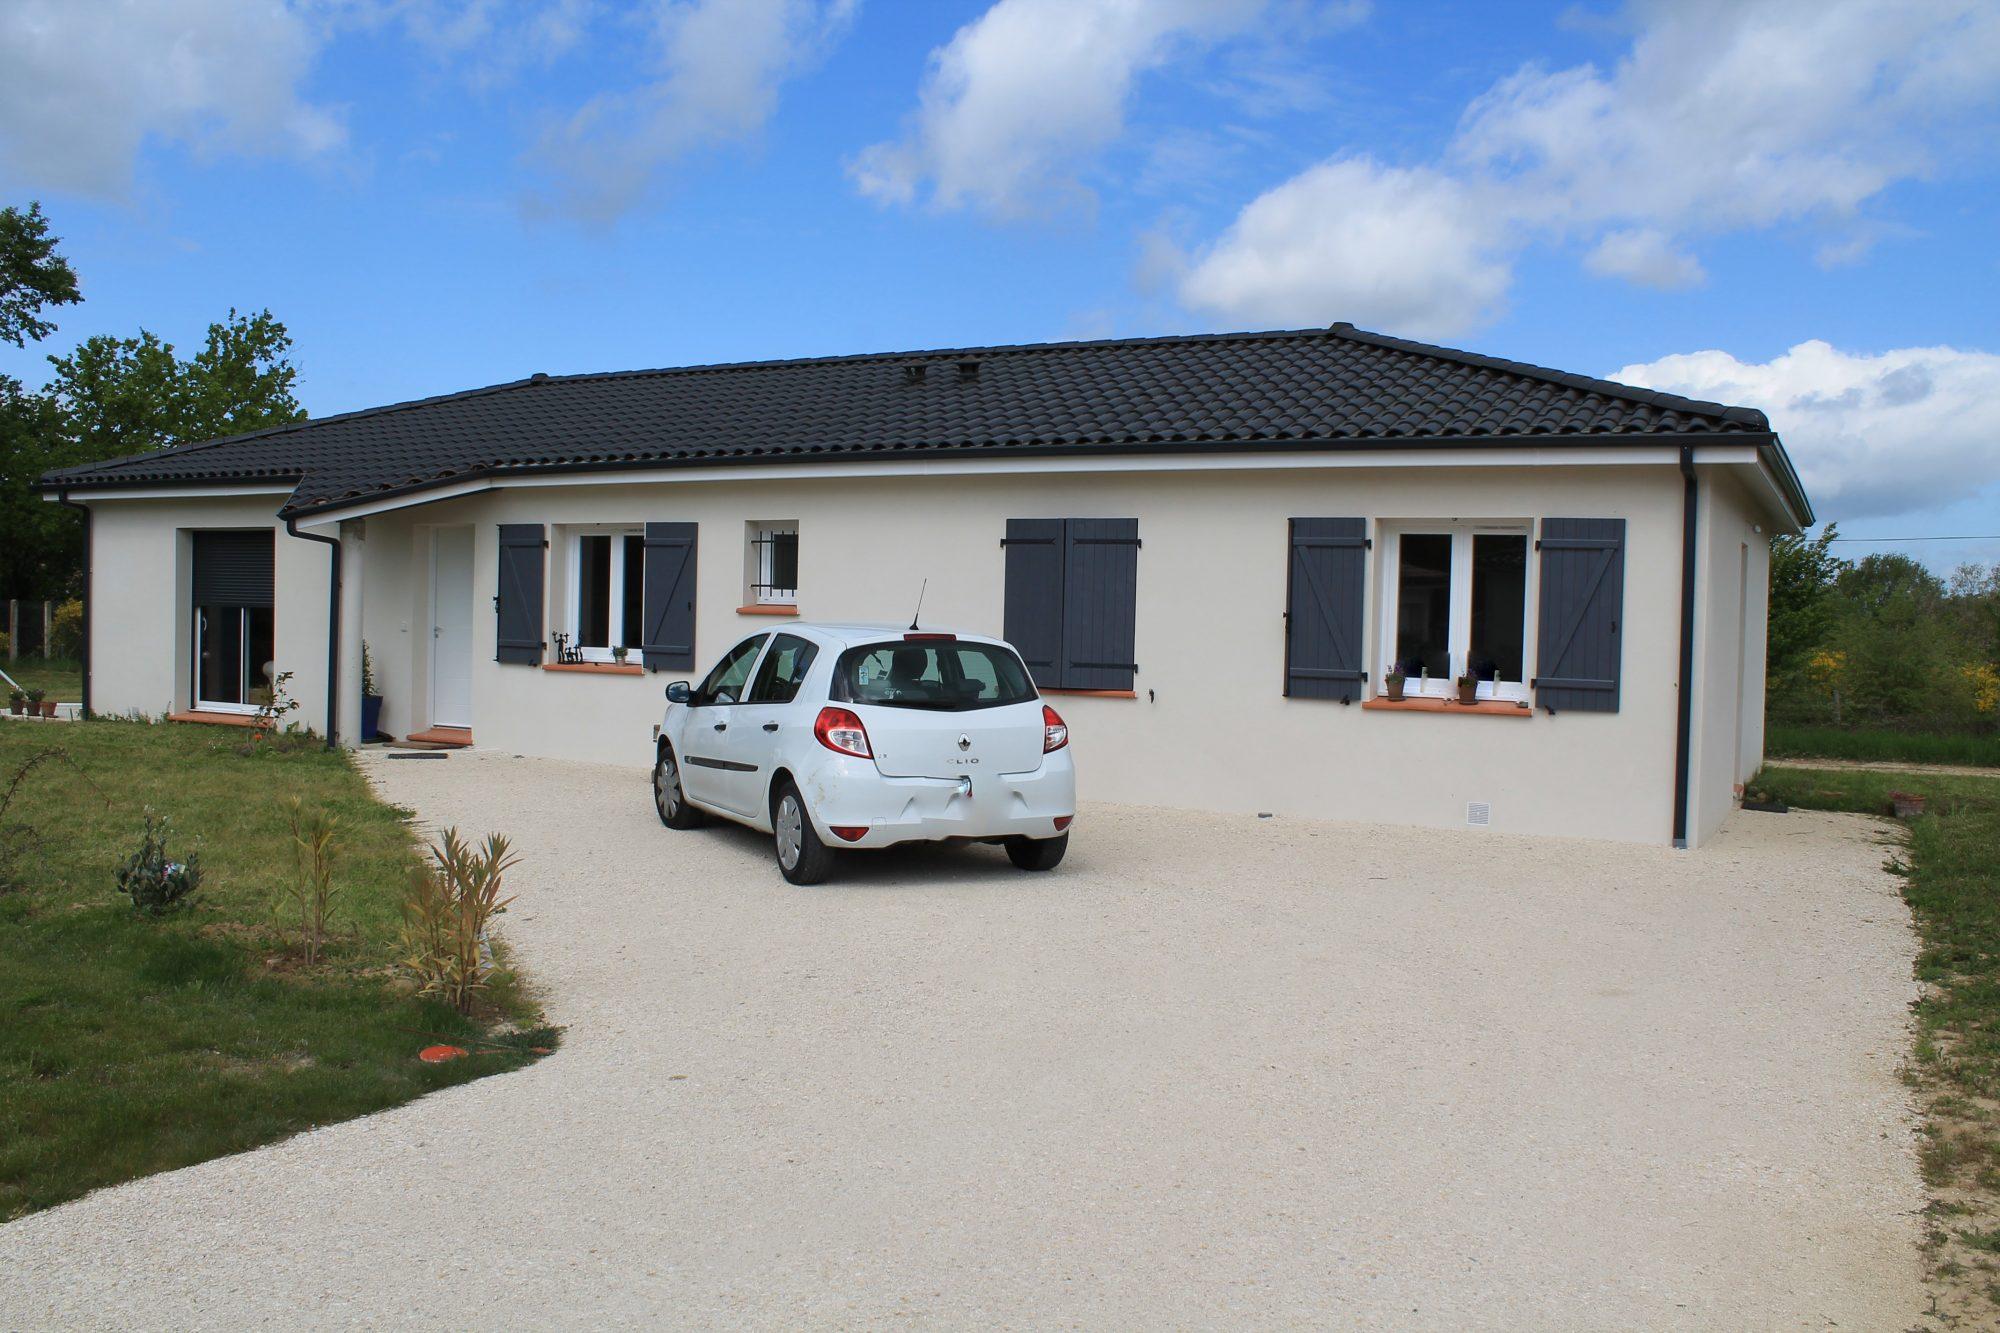 Primo habitat constructeur agr maisons de qualit for Constructeur maison individuelle tarn